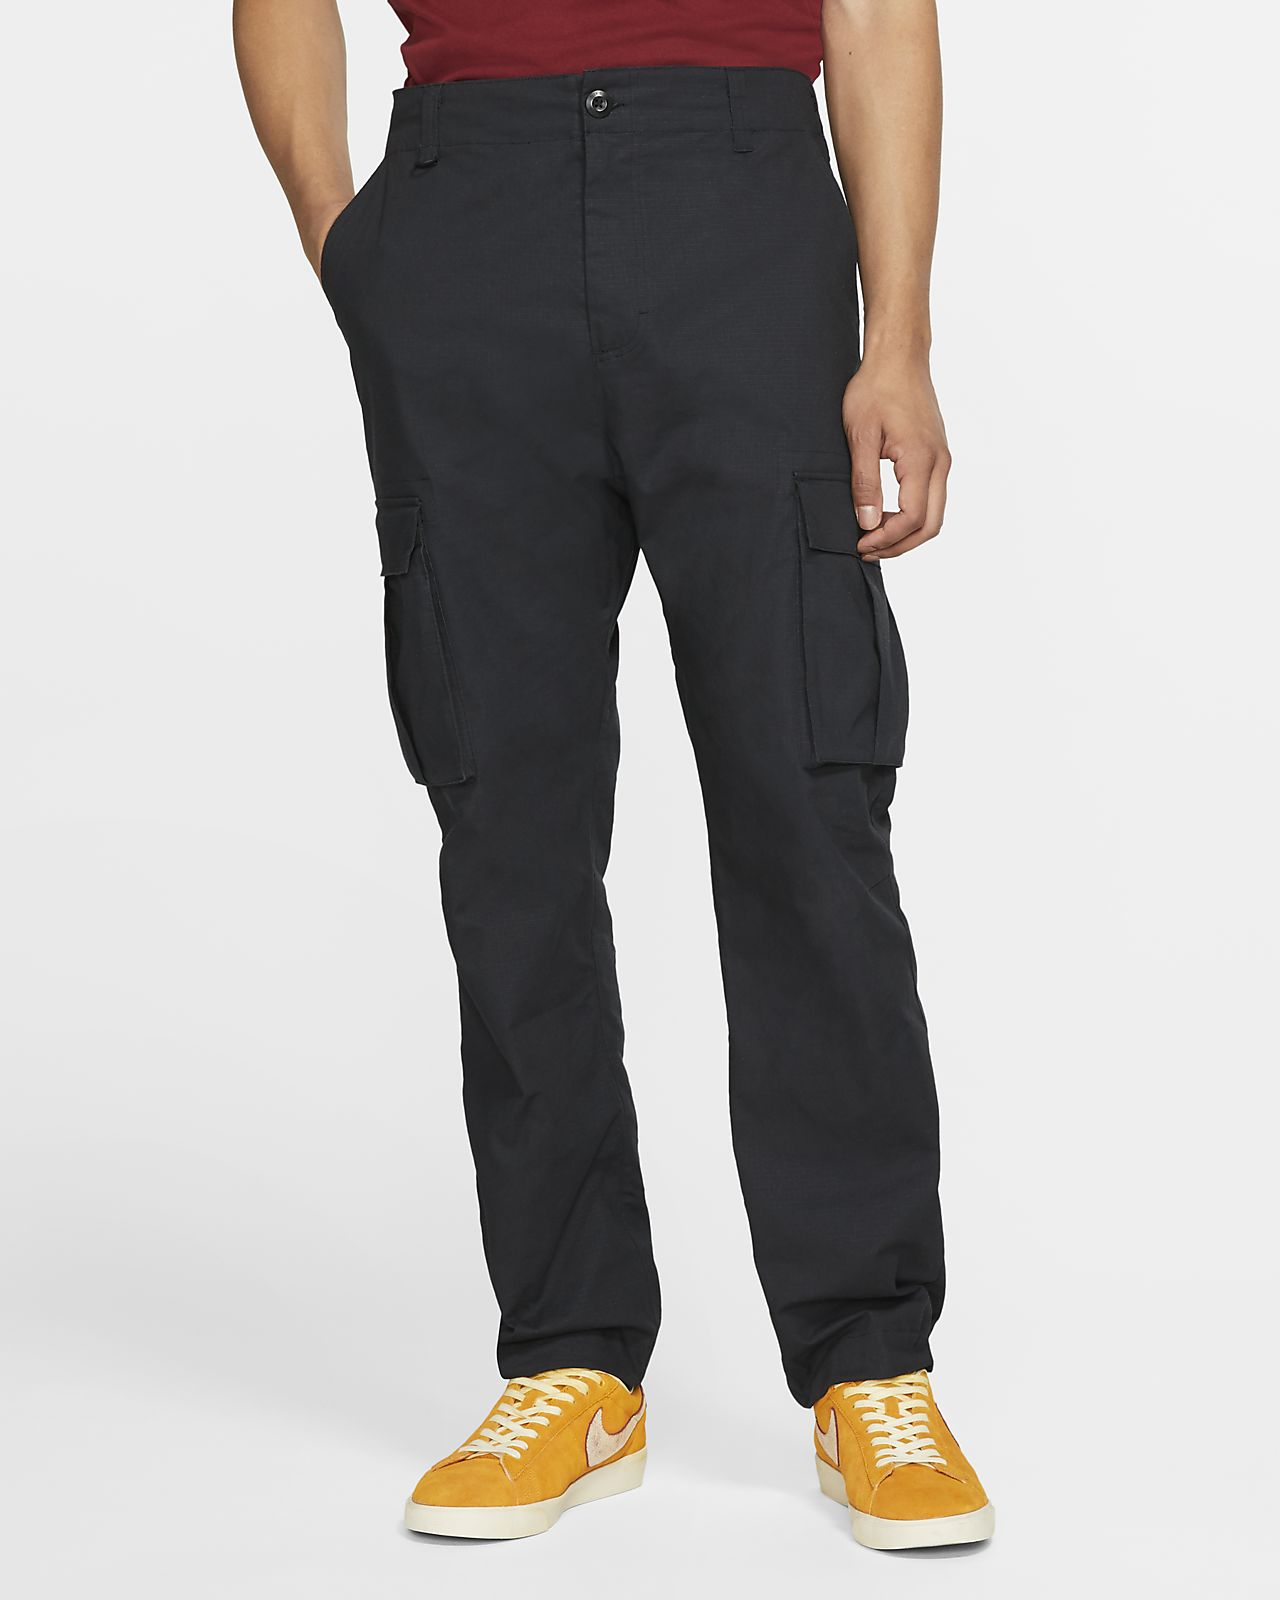 Flex skateboard SB Pantalon FTM cargo Homme Nike de pour 8Pw0vmNnyO